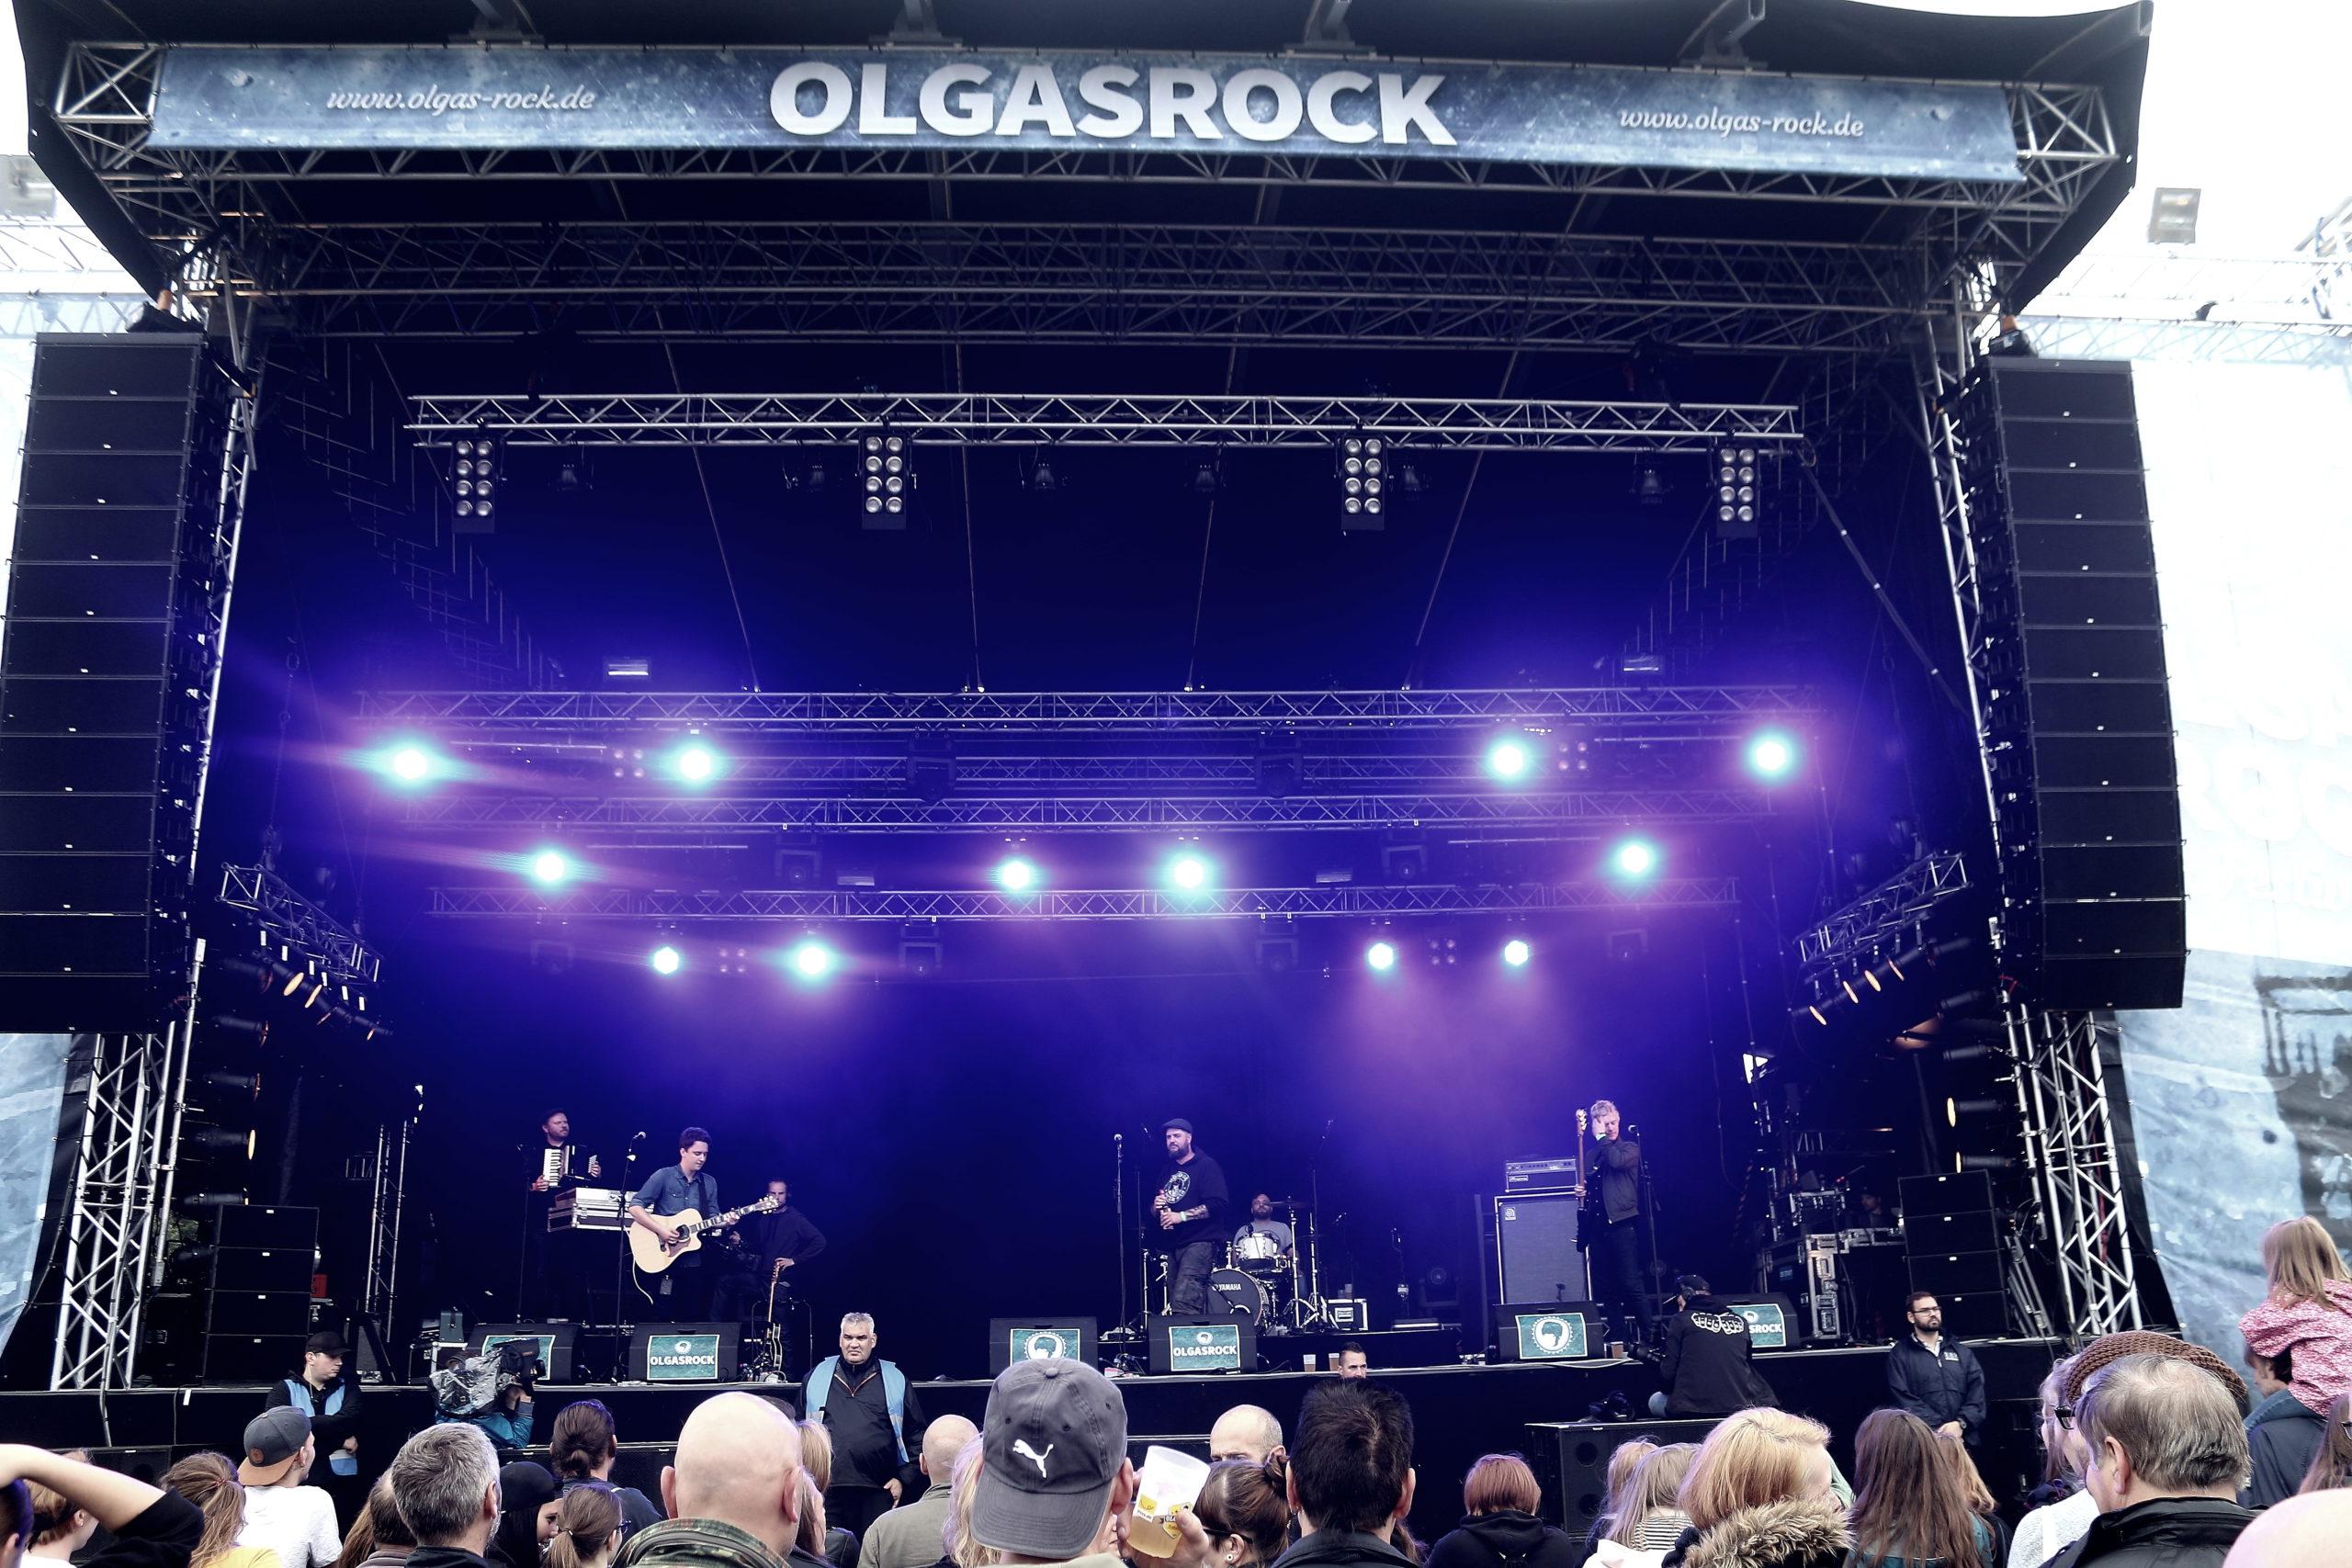 Olgas-Rock Festival 07. & 08. August 2020 in Oberhausen